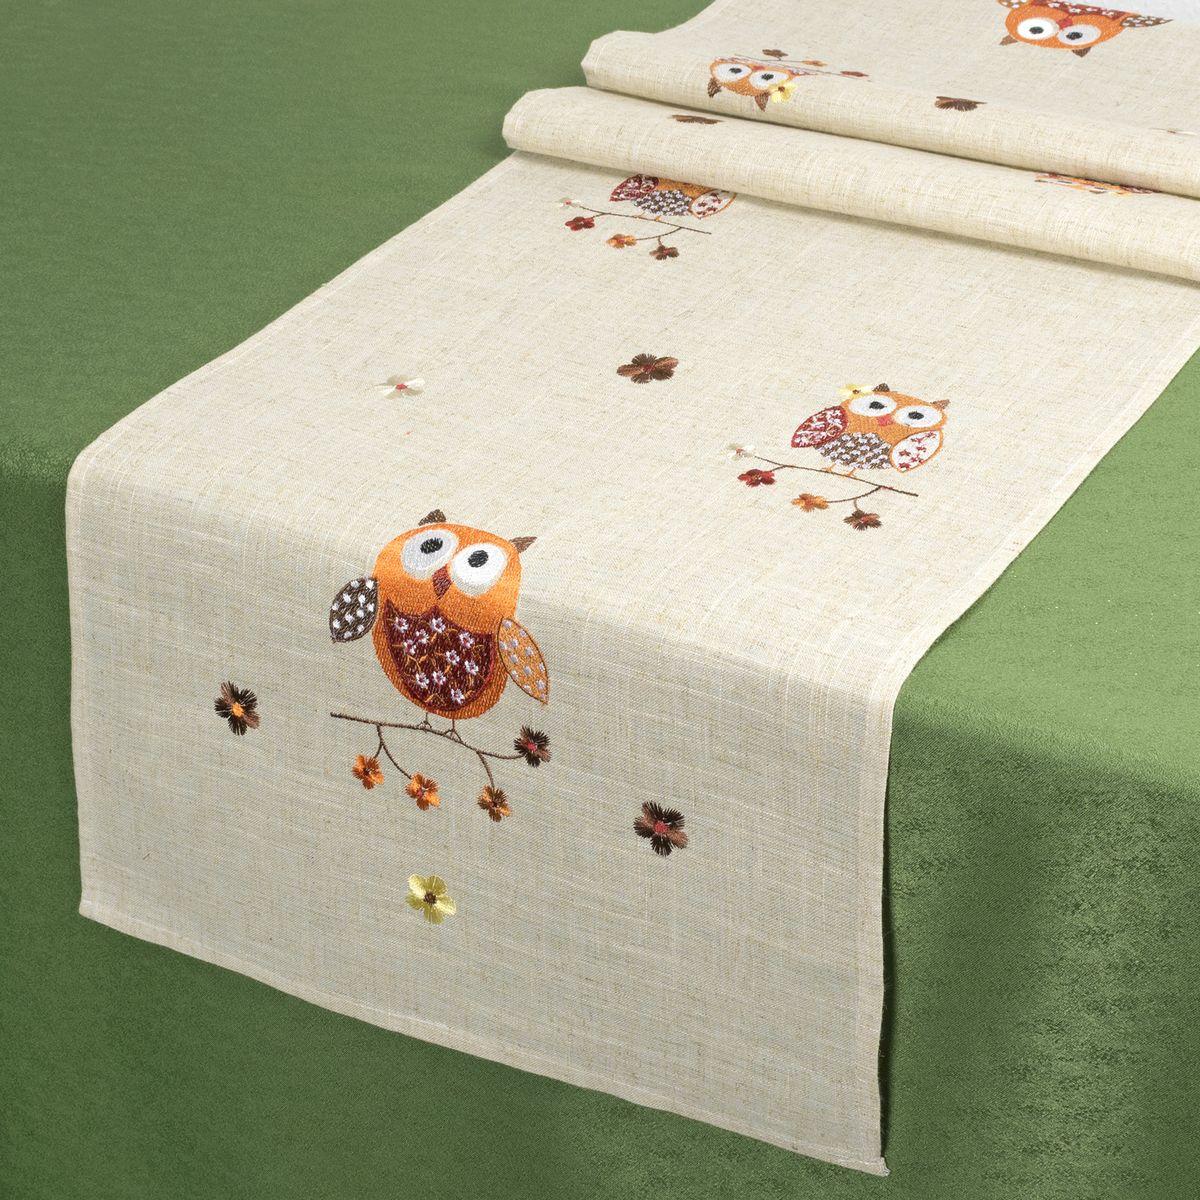 Дорожка для декорирования стола Schaefer, 40 х 140 см. 07798-21107798-211Дорожка для декорирования стола Schaefer может быть использована, как основной элемент, так и дополнение для создания уюта и романтического настроения.Дорожка выполнена из полиэстера. Изделие легко стирать: оно не мнется, не садится и быстро сохнет, более долговечно, чем изделие из натуральных волокон.Материал: 100% полиэстер.Размер: 40 х 140 см.